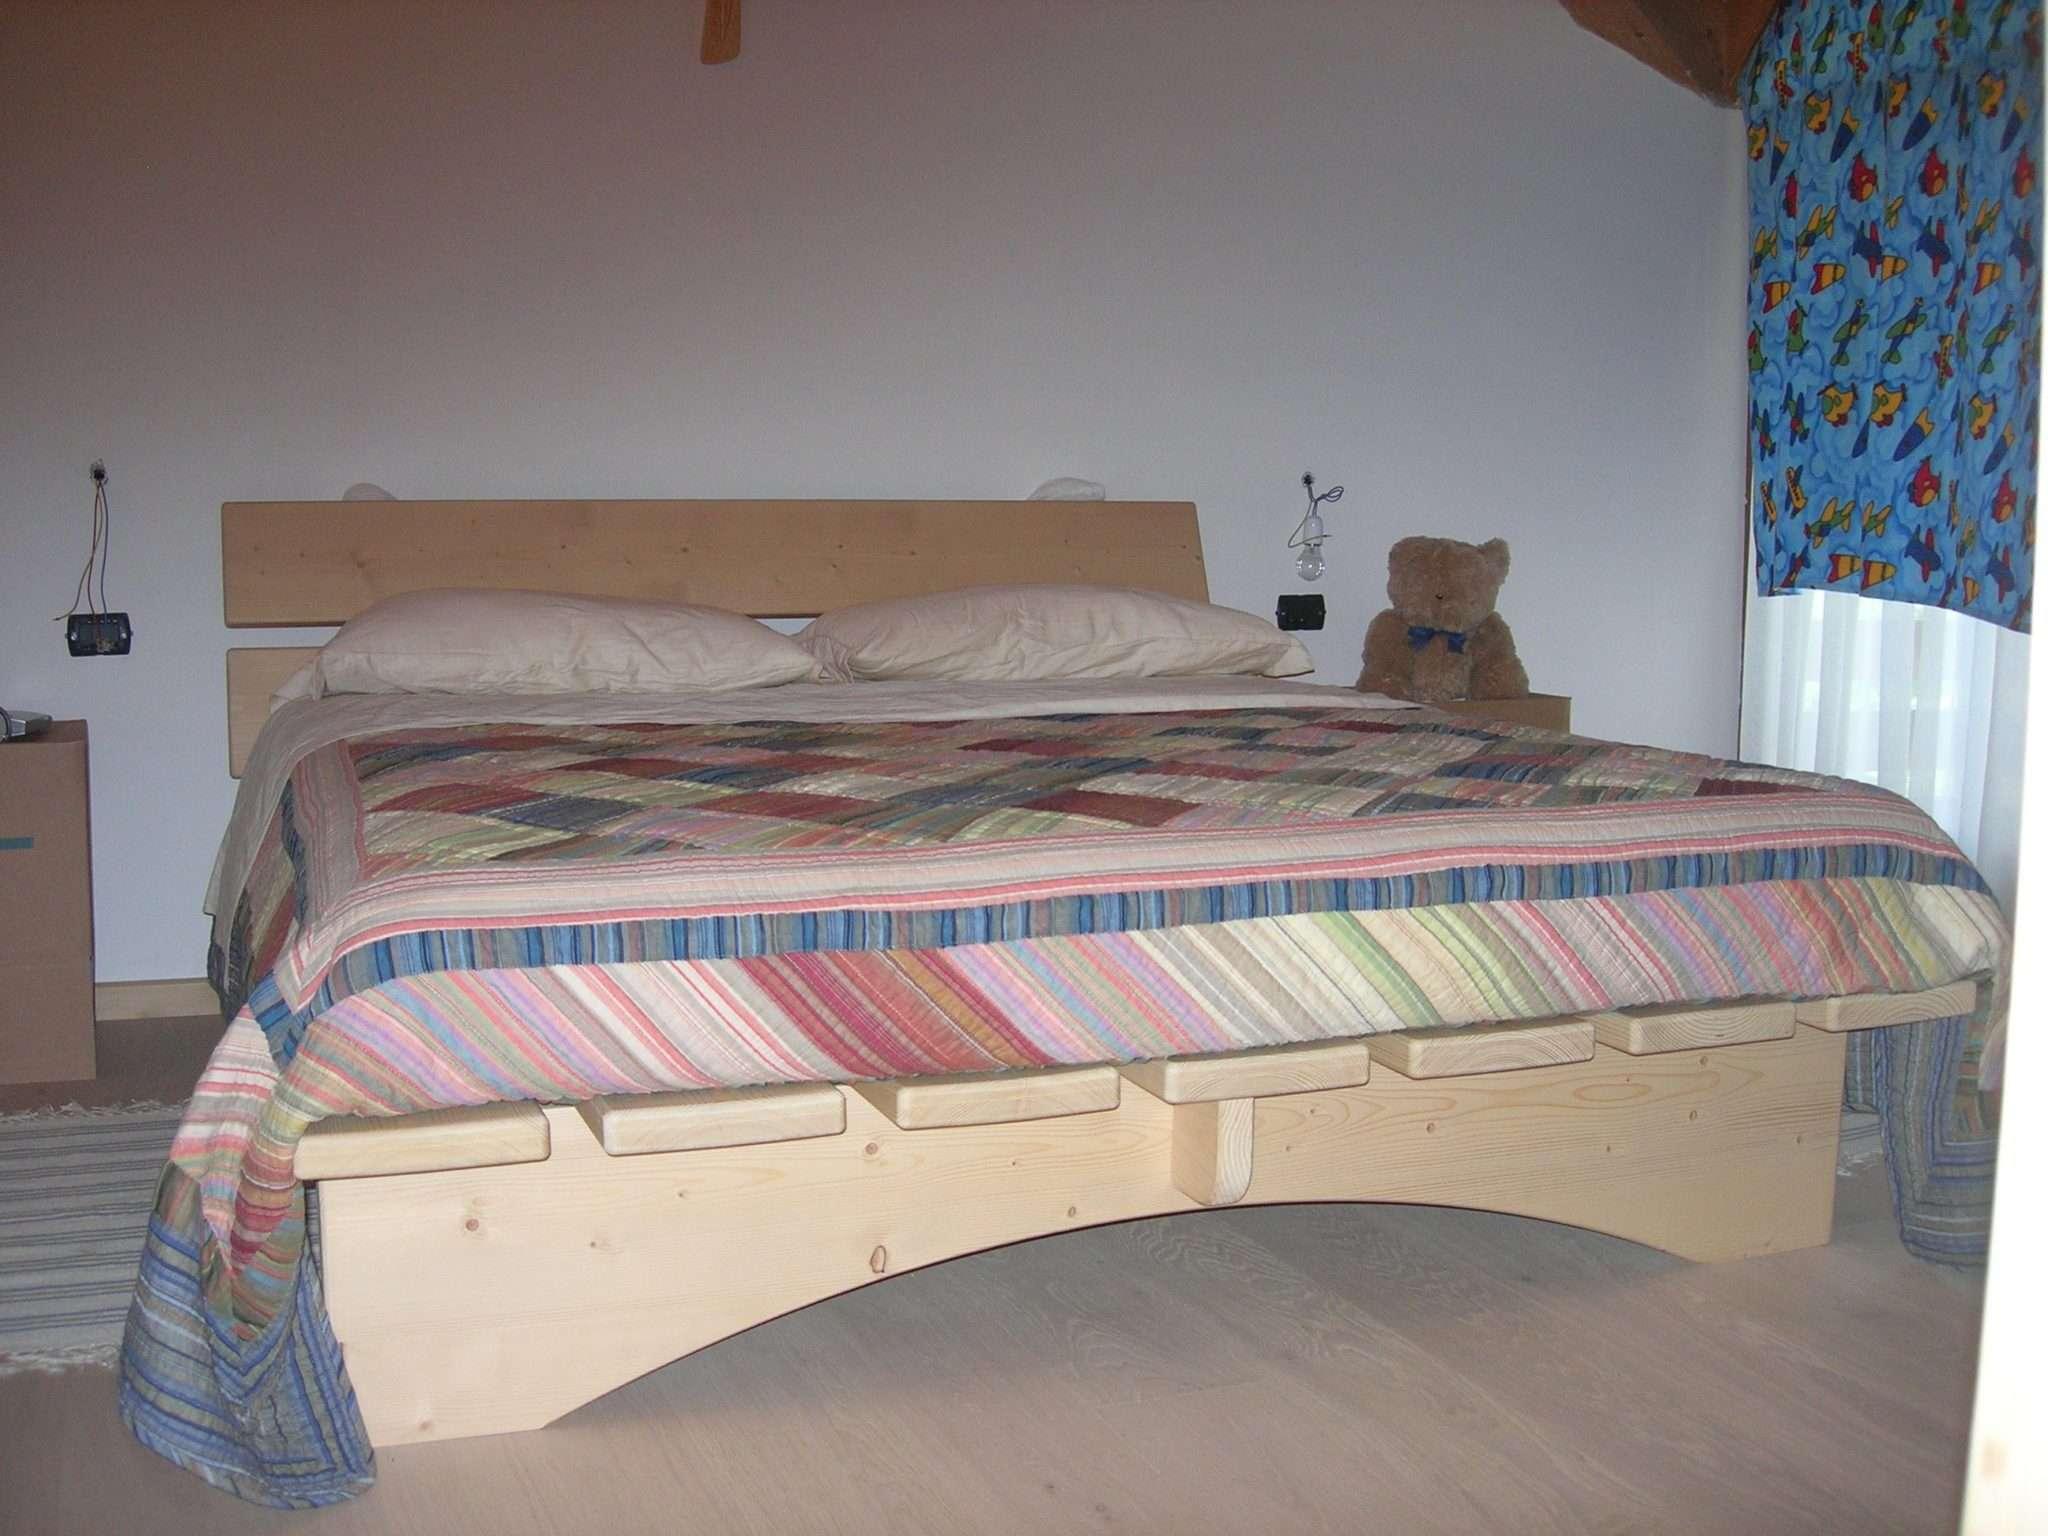 Camere da letto in legno case in legno e falegnameria in trentino - Camere da letto in legno naturale ...